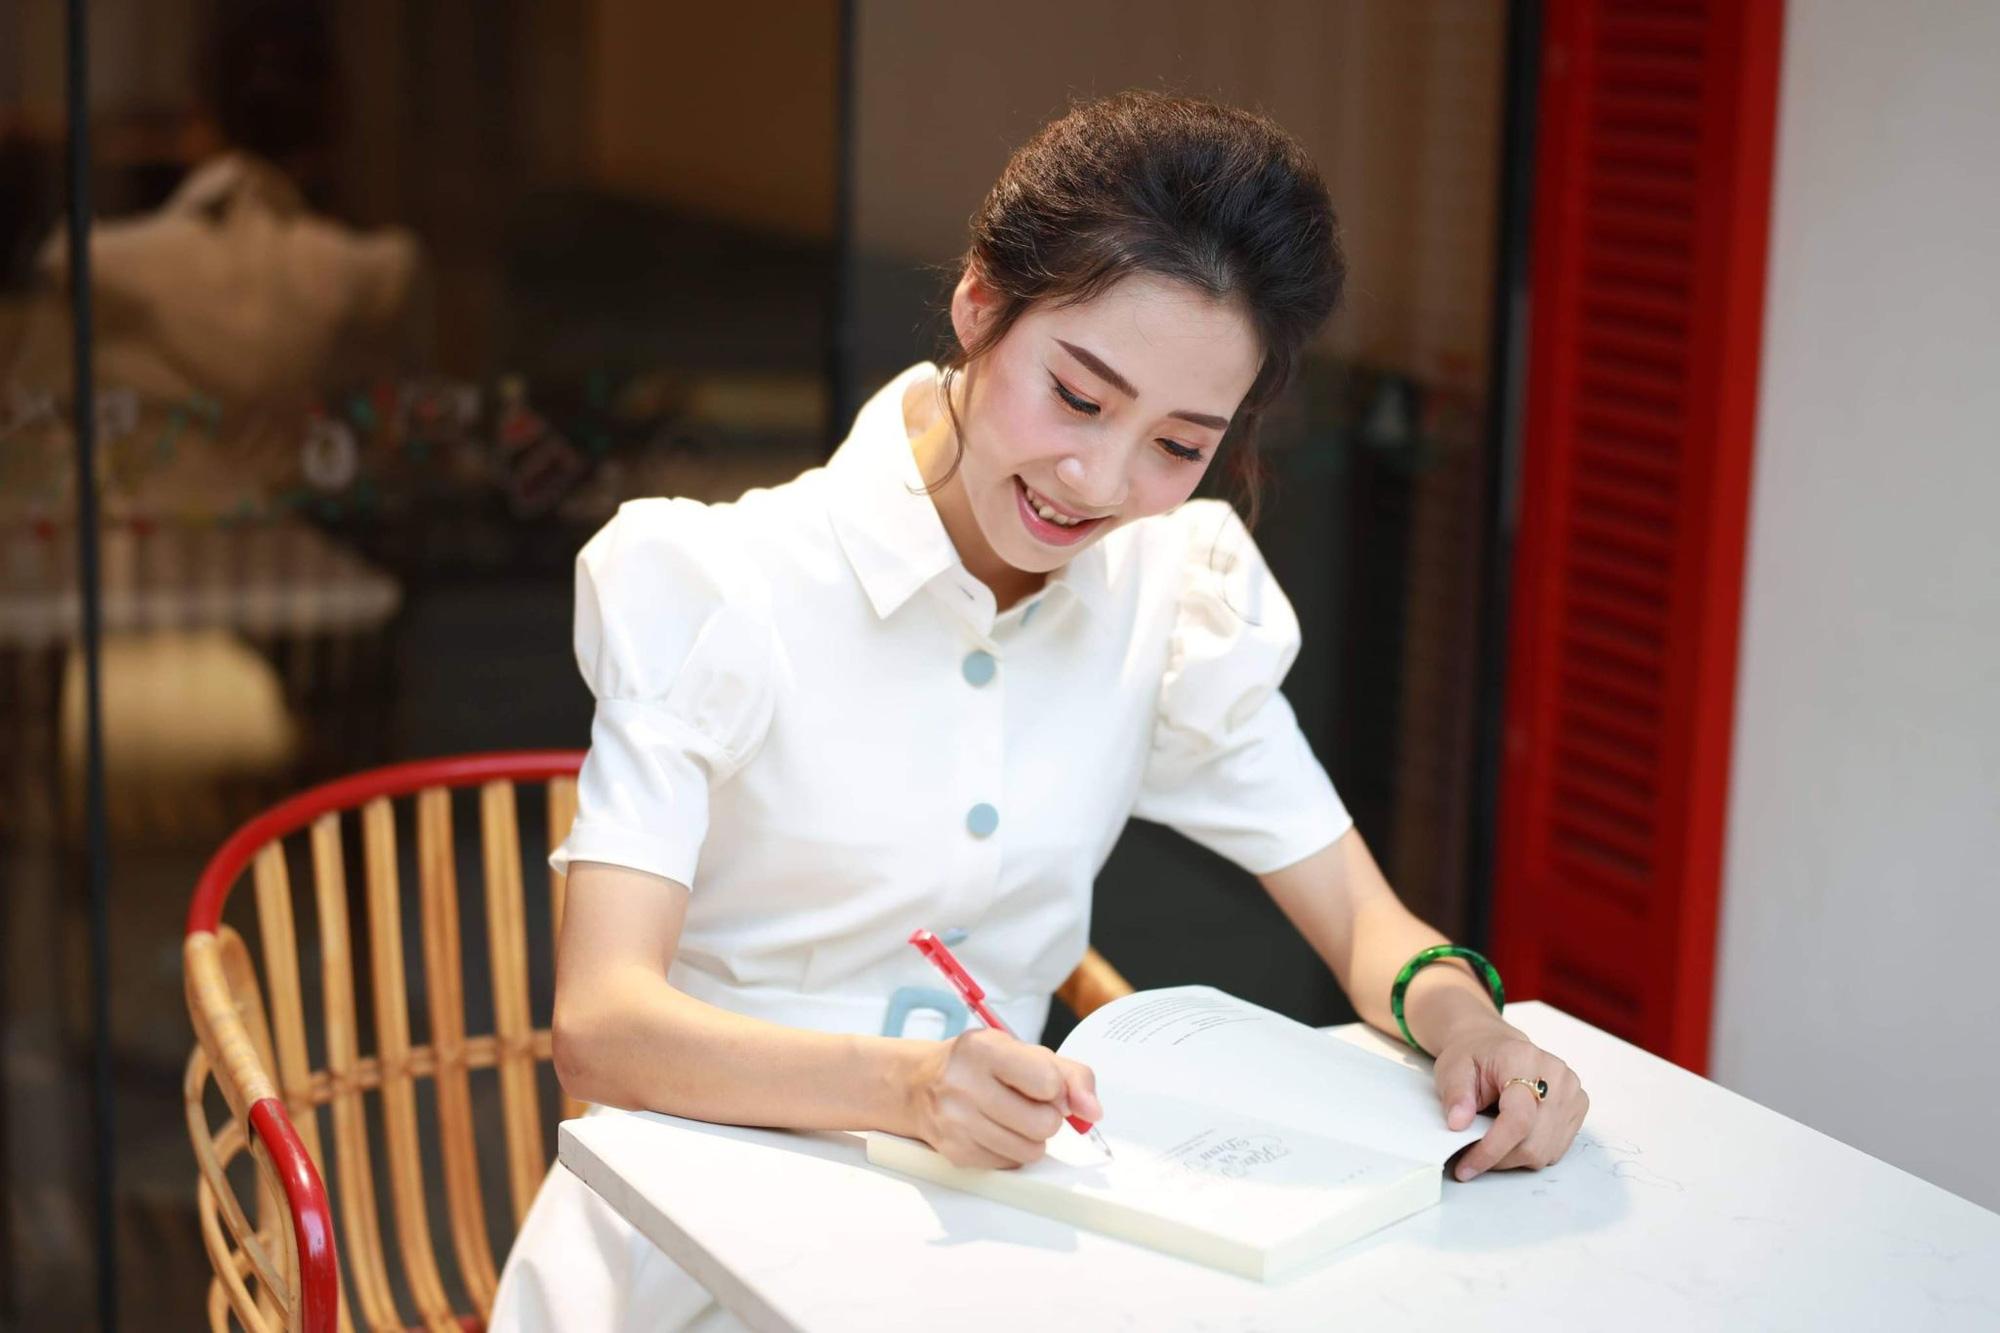 Giảng Văn online Trần Thị Thùy Dương - từ niềm đam mê môn Văn bất tận đến tình yêu dạy học trực tuyến - Ảnh 2.